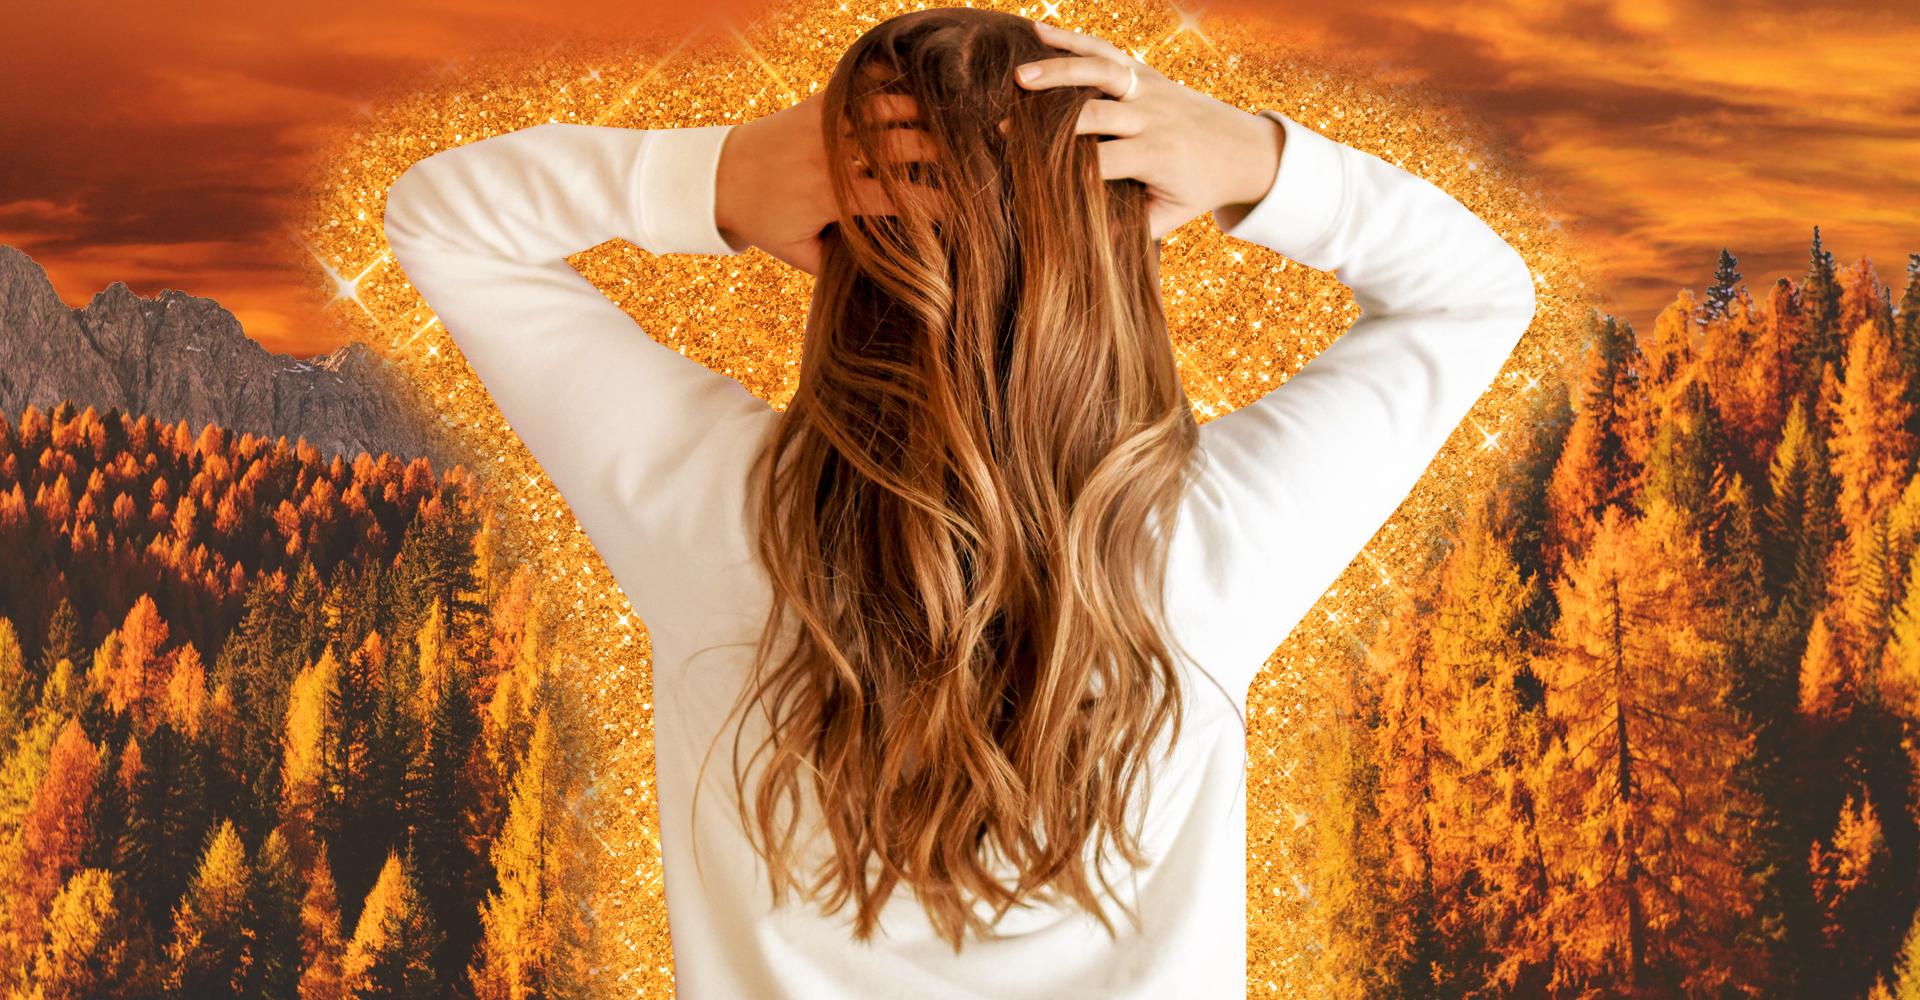 Caduta dei capelli in autunno, a noi due! I rimedi naturali per combatterla